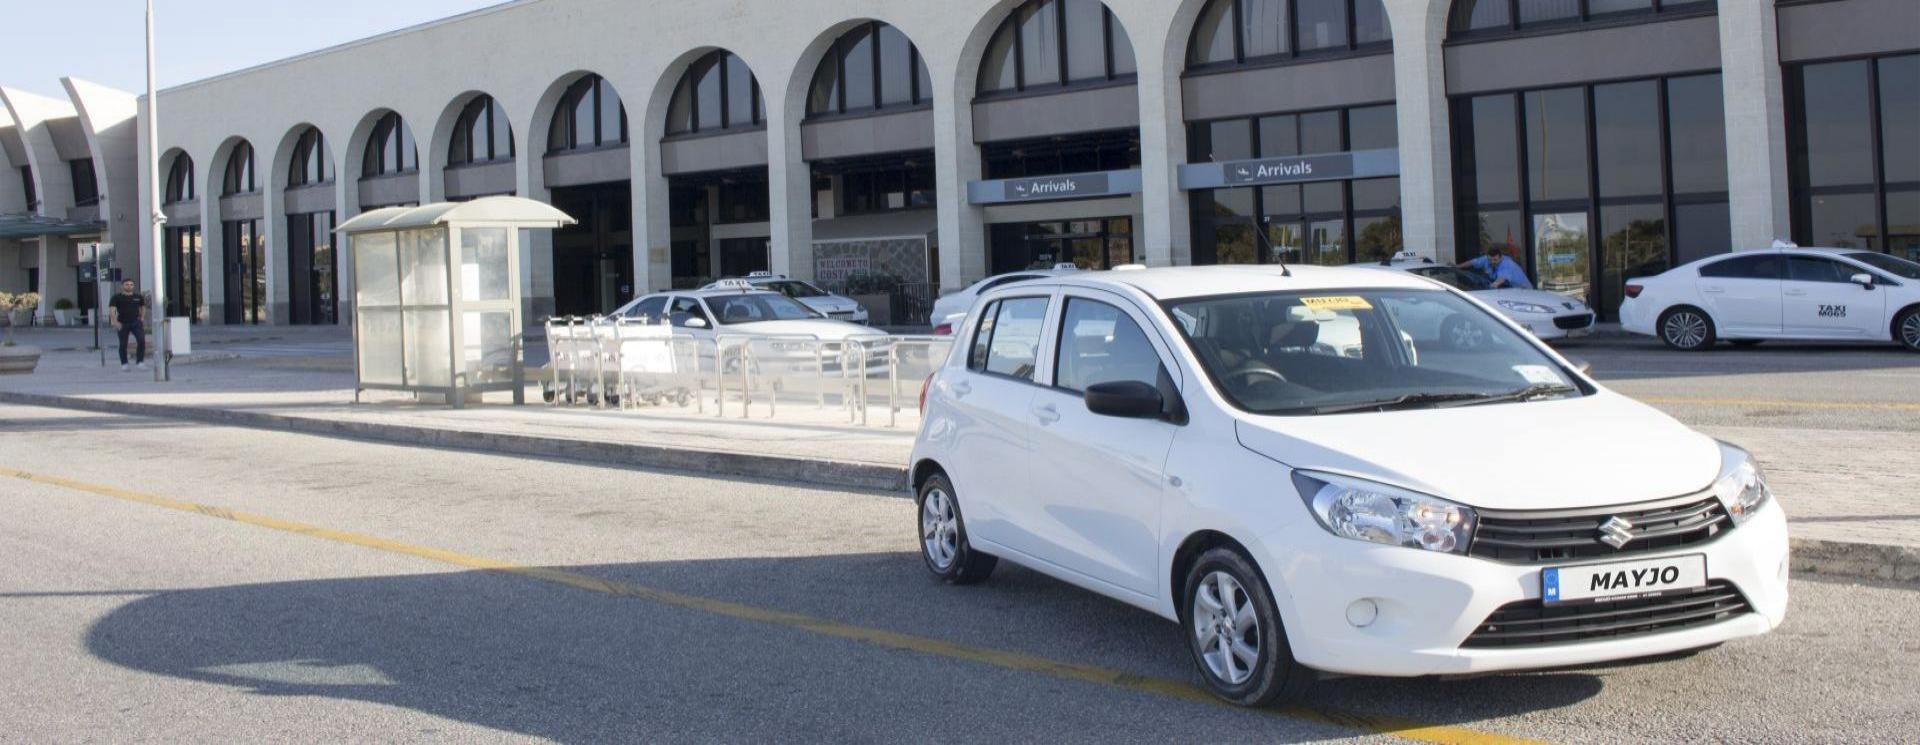 Car Rental Malta Airport